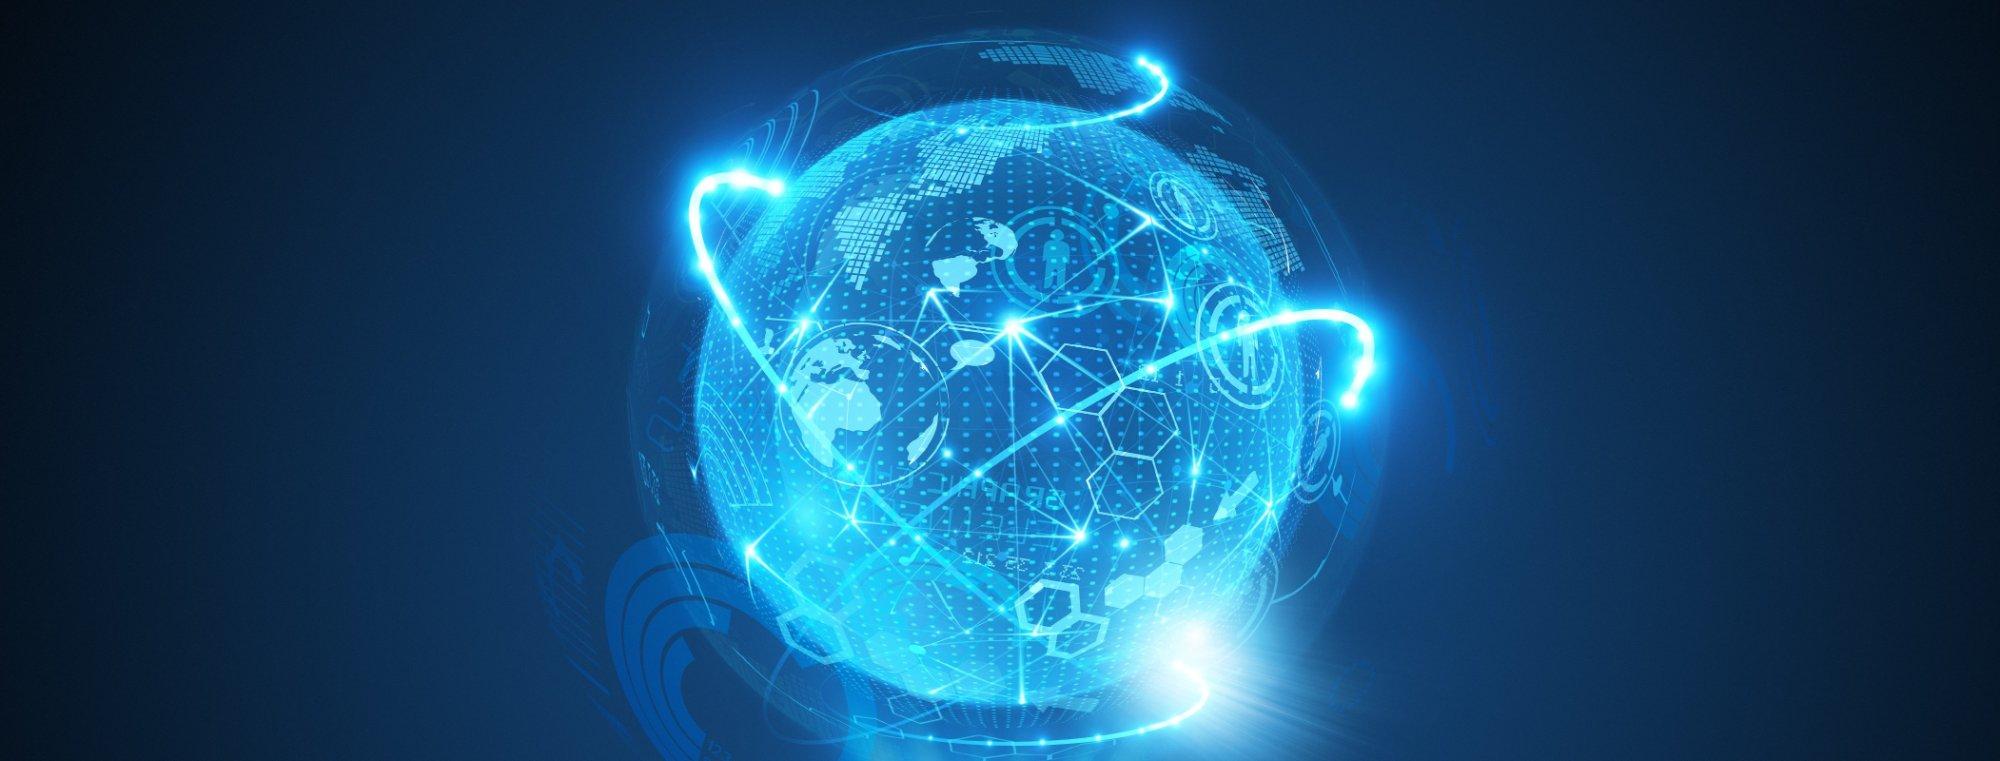 Блокчейн и аналитика малого бизнеса